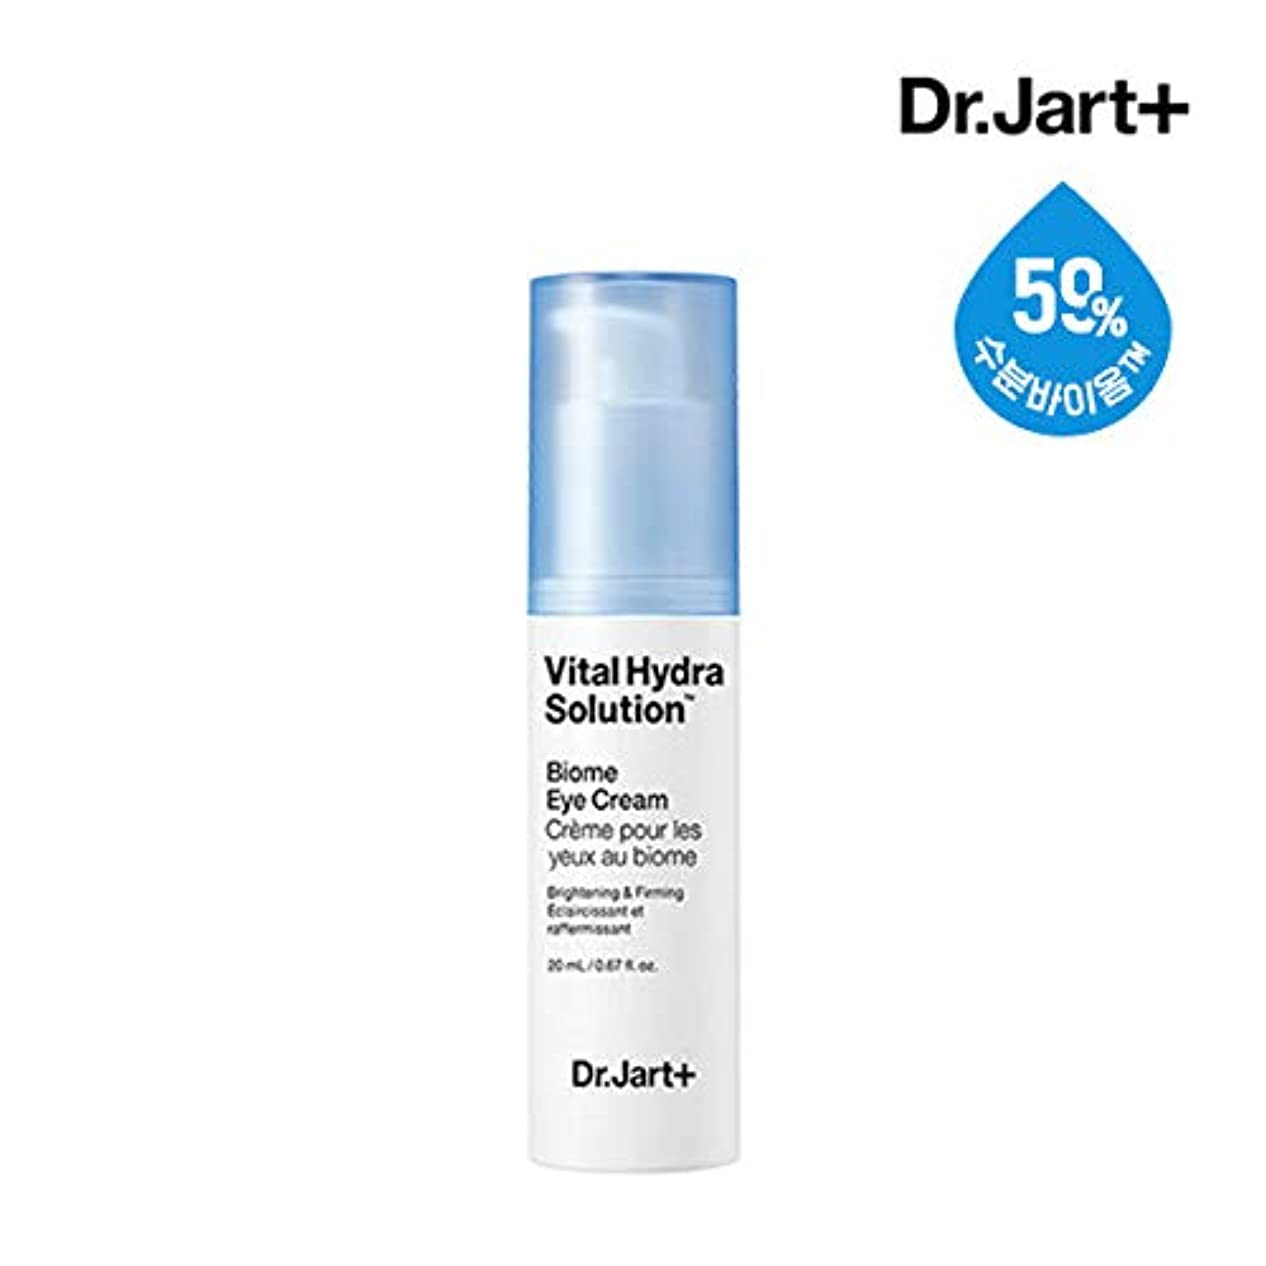 保険話すバイオリニストドクタージャルトゥ[Dr.Jart+] バイタルハイドラソリューションバイオームアイクリーム20ml (Vital Hydra Solution Biome Eye Cream) / ブライトニング&ファーミング